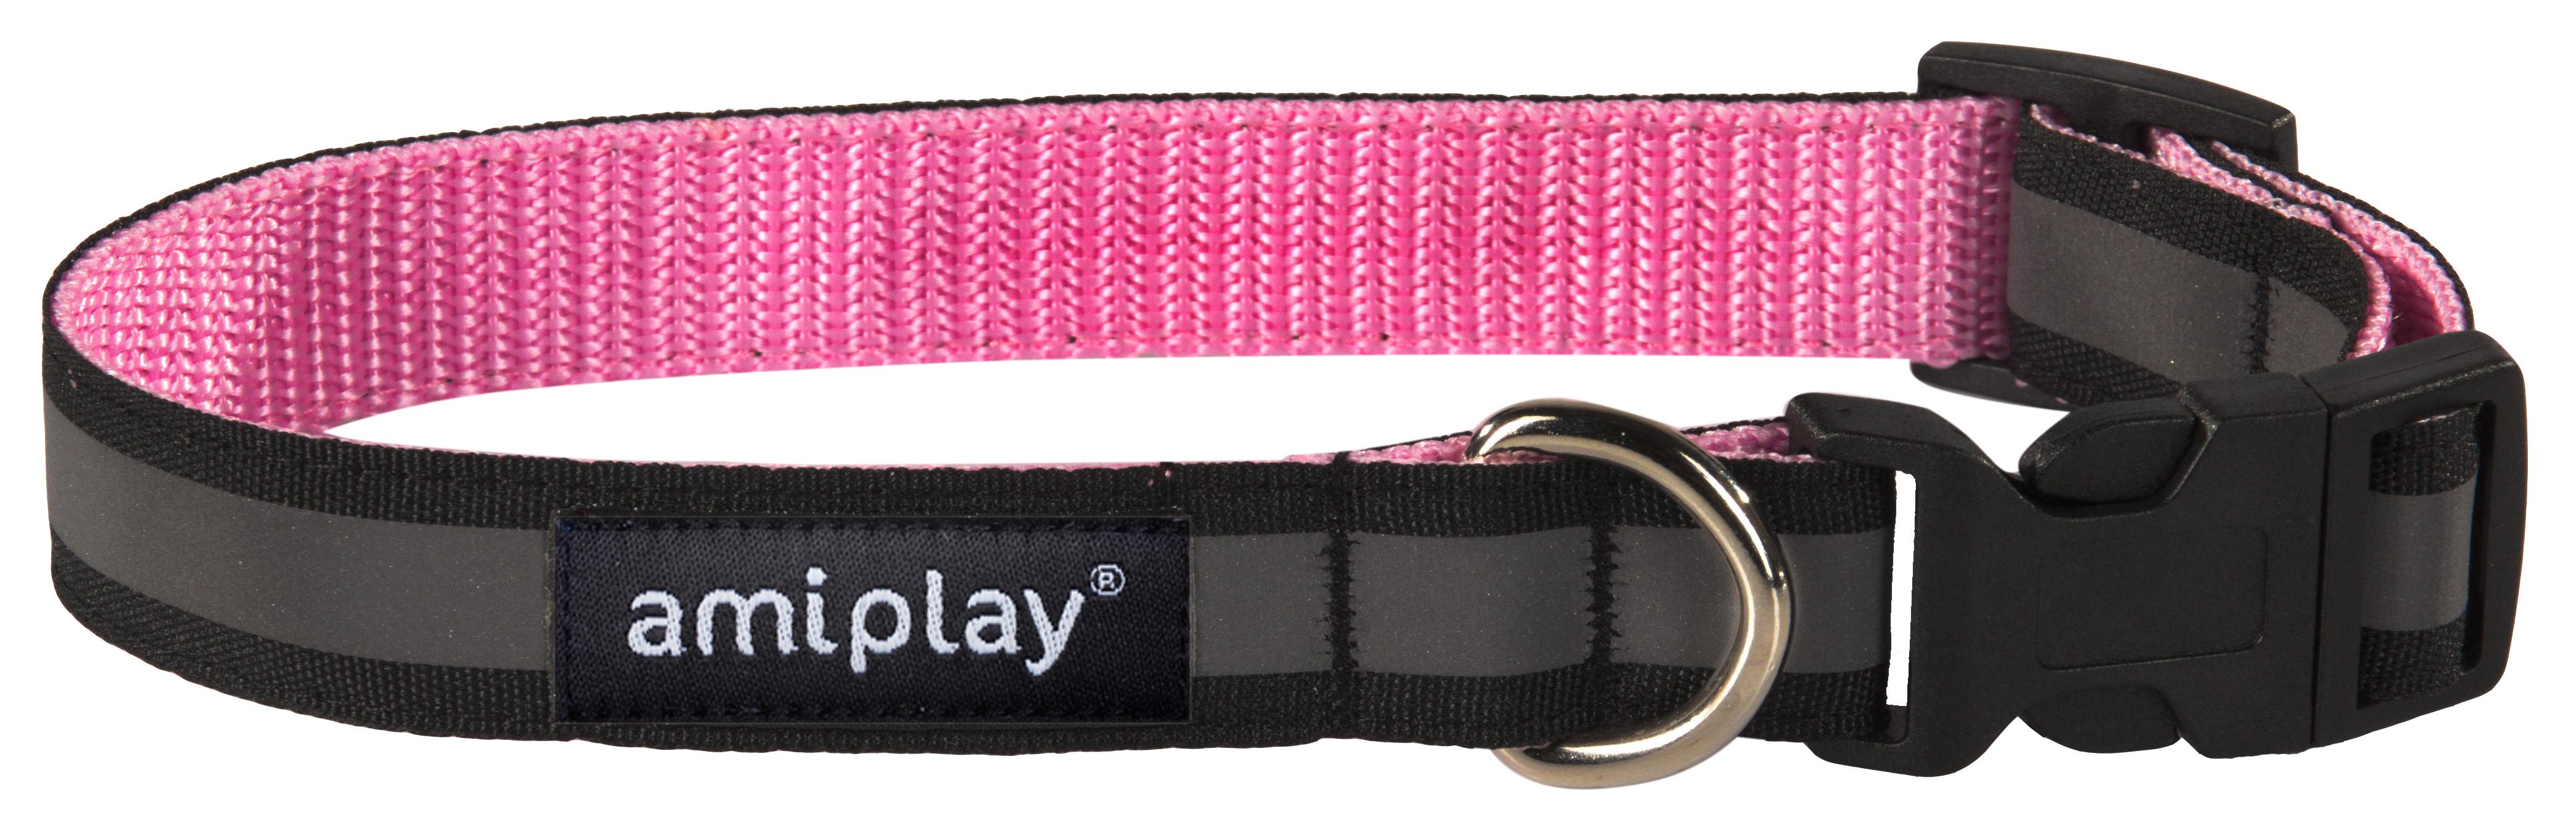 Obojek pro psa nylonový reflexní - růžový - 2,5 x 34 - 55 cm